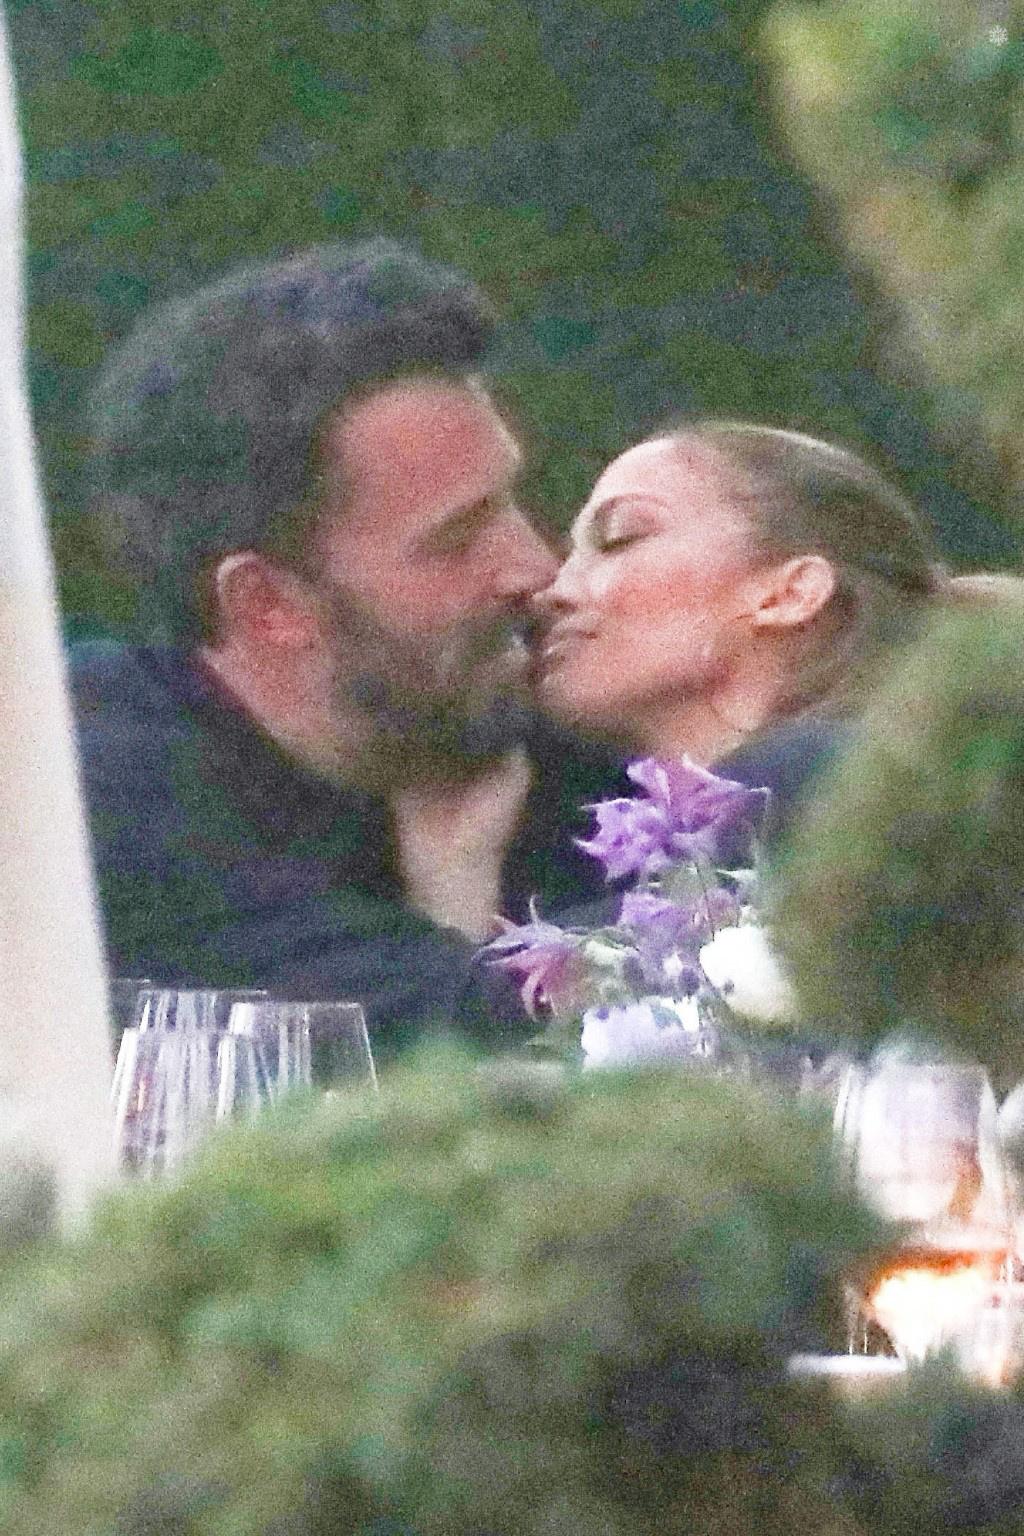 大本带詹妮弗子女聚餐 热恋情侣毫无顾忌街头热吻